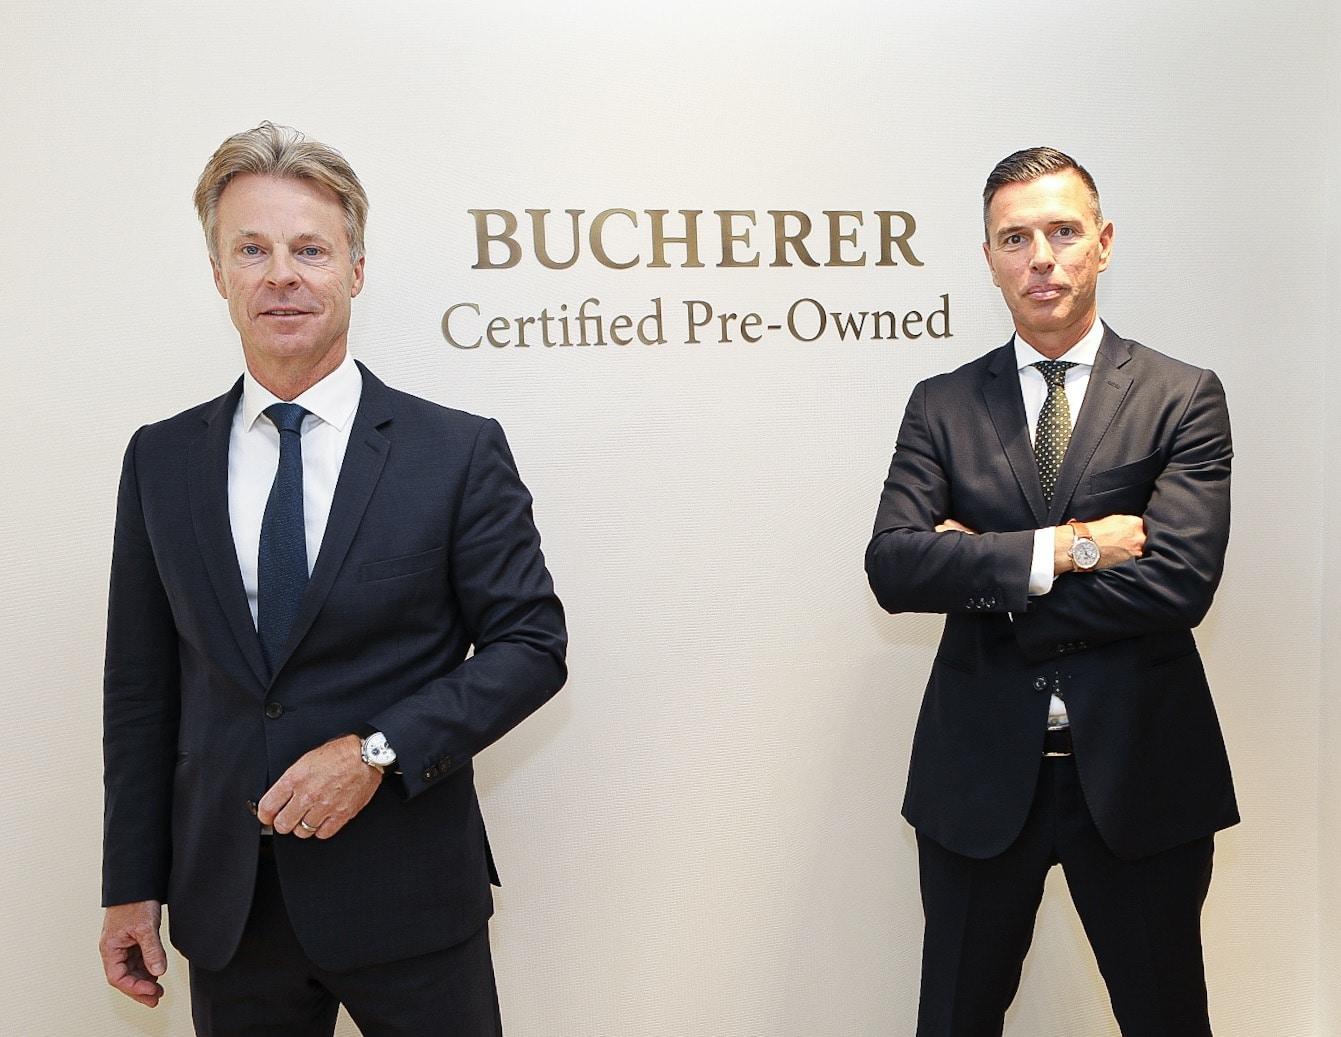 Bucherer steigt ins Geschäft mit Certified Pre-Owned Uhren (CPO) ein